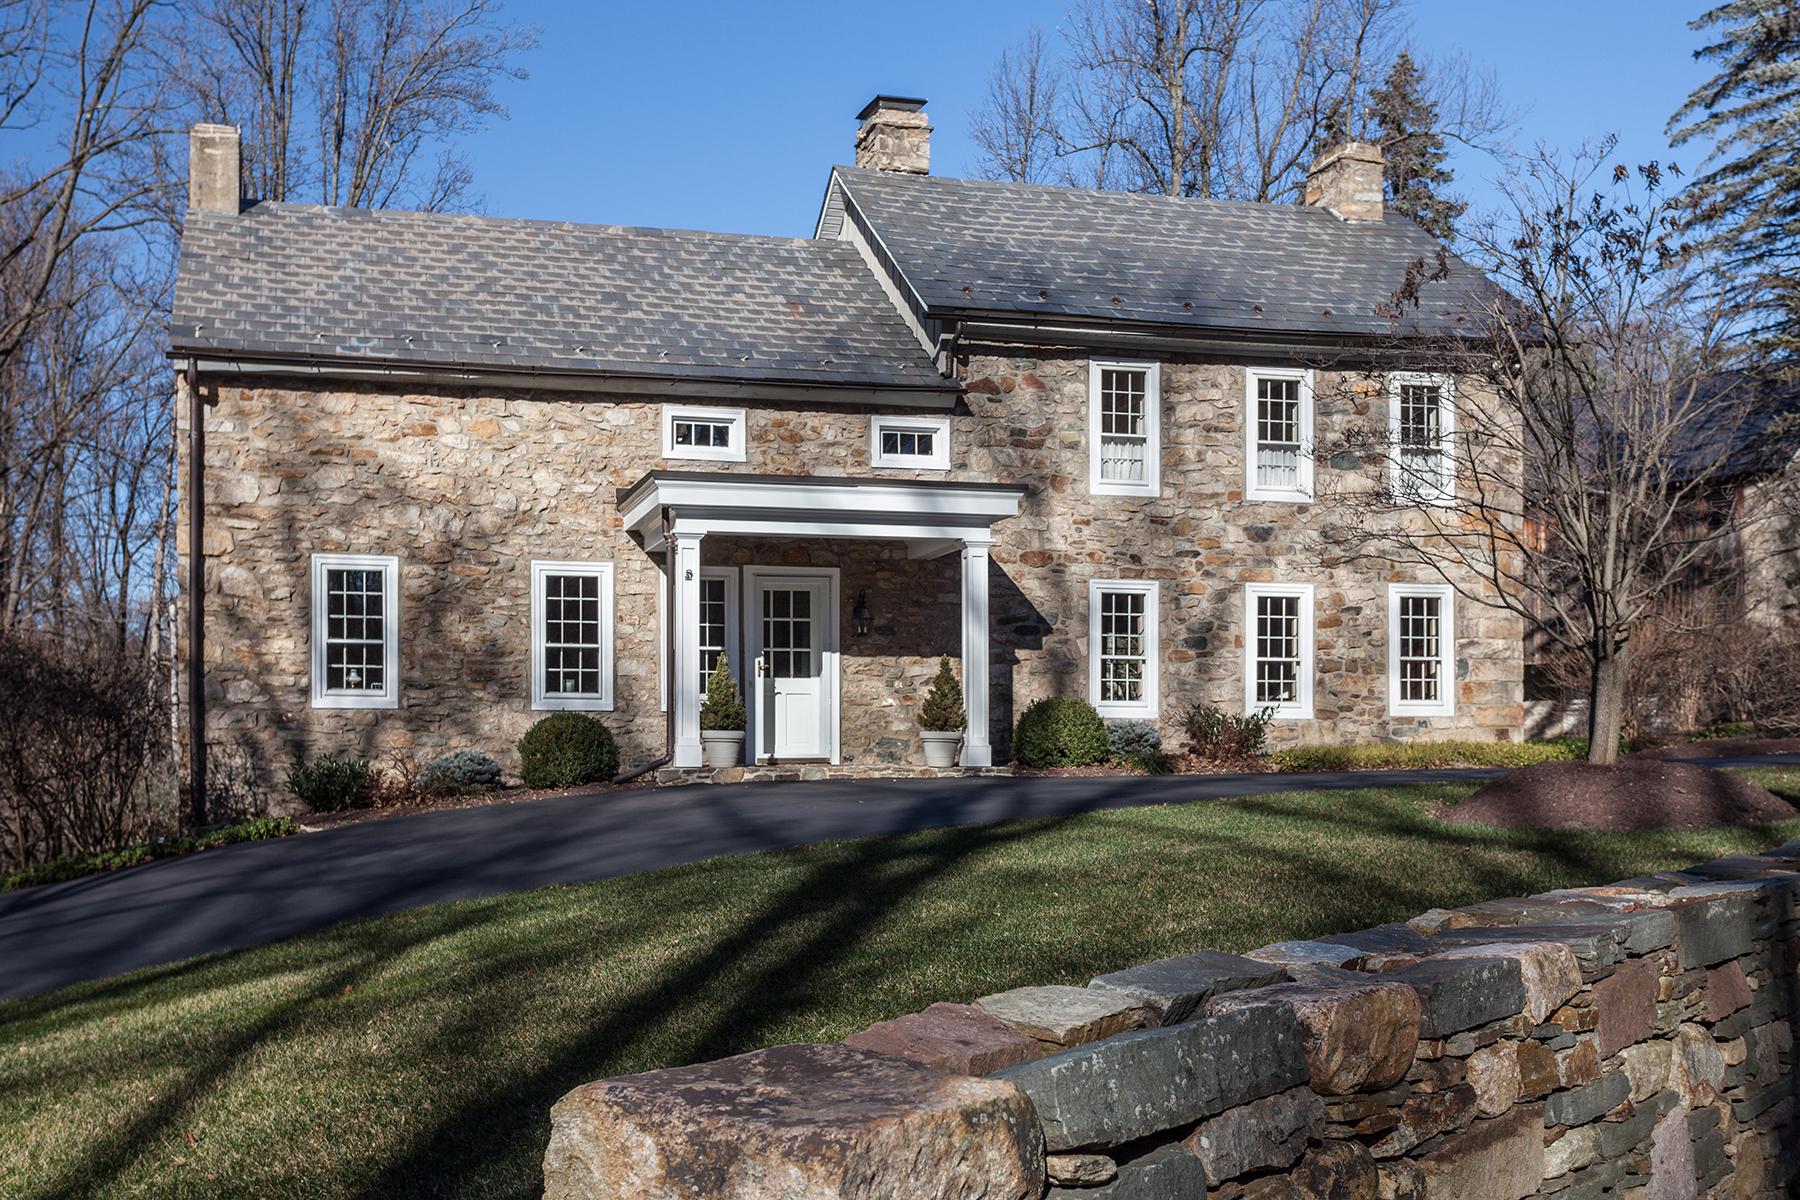 独户住宅 为 销售 在 Lower Saucon, PA 2807 Wassergass Rd. Hellertown, 宾夕法尼亚州 18055 美国